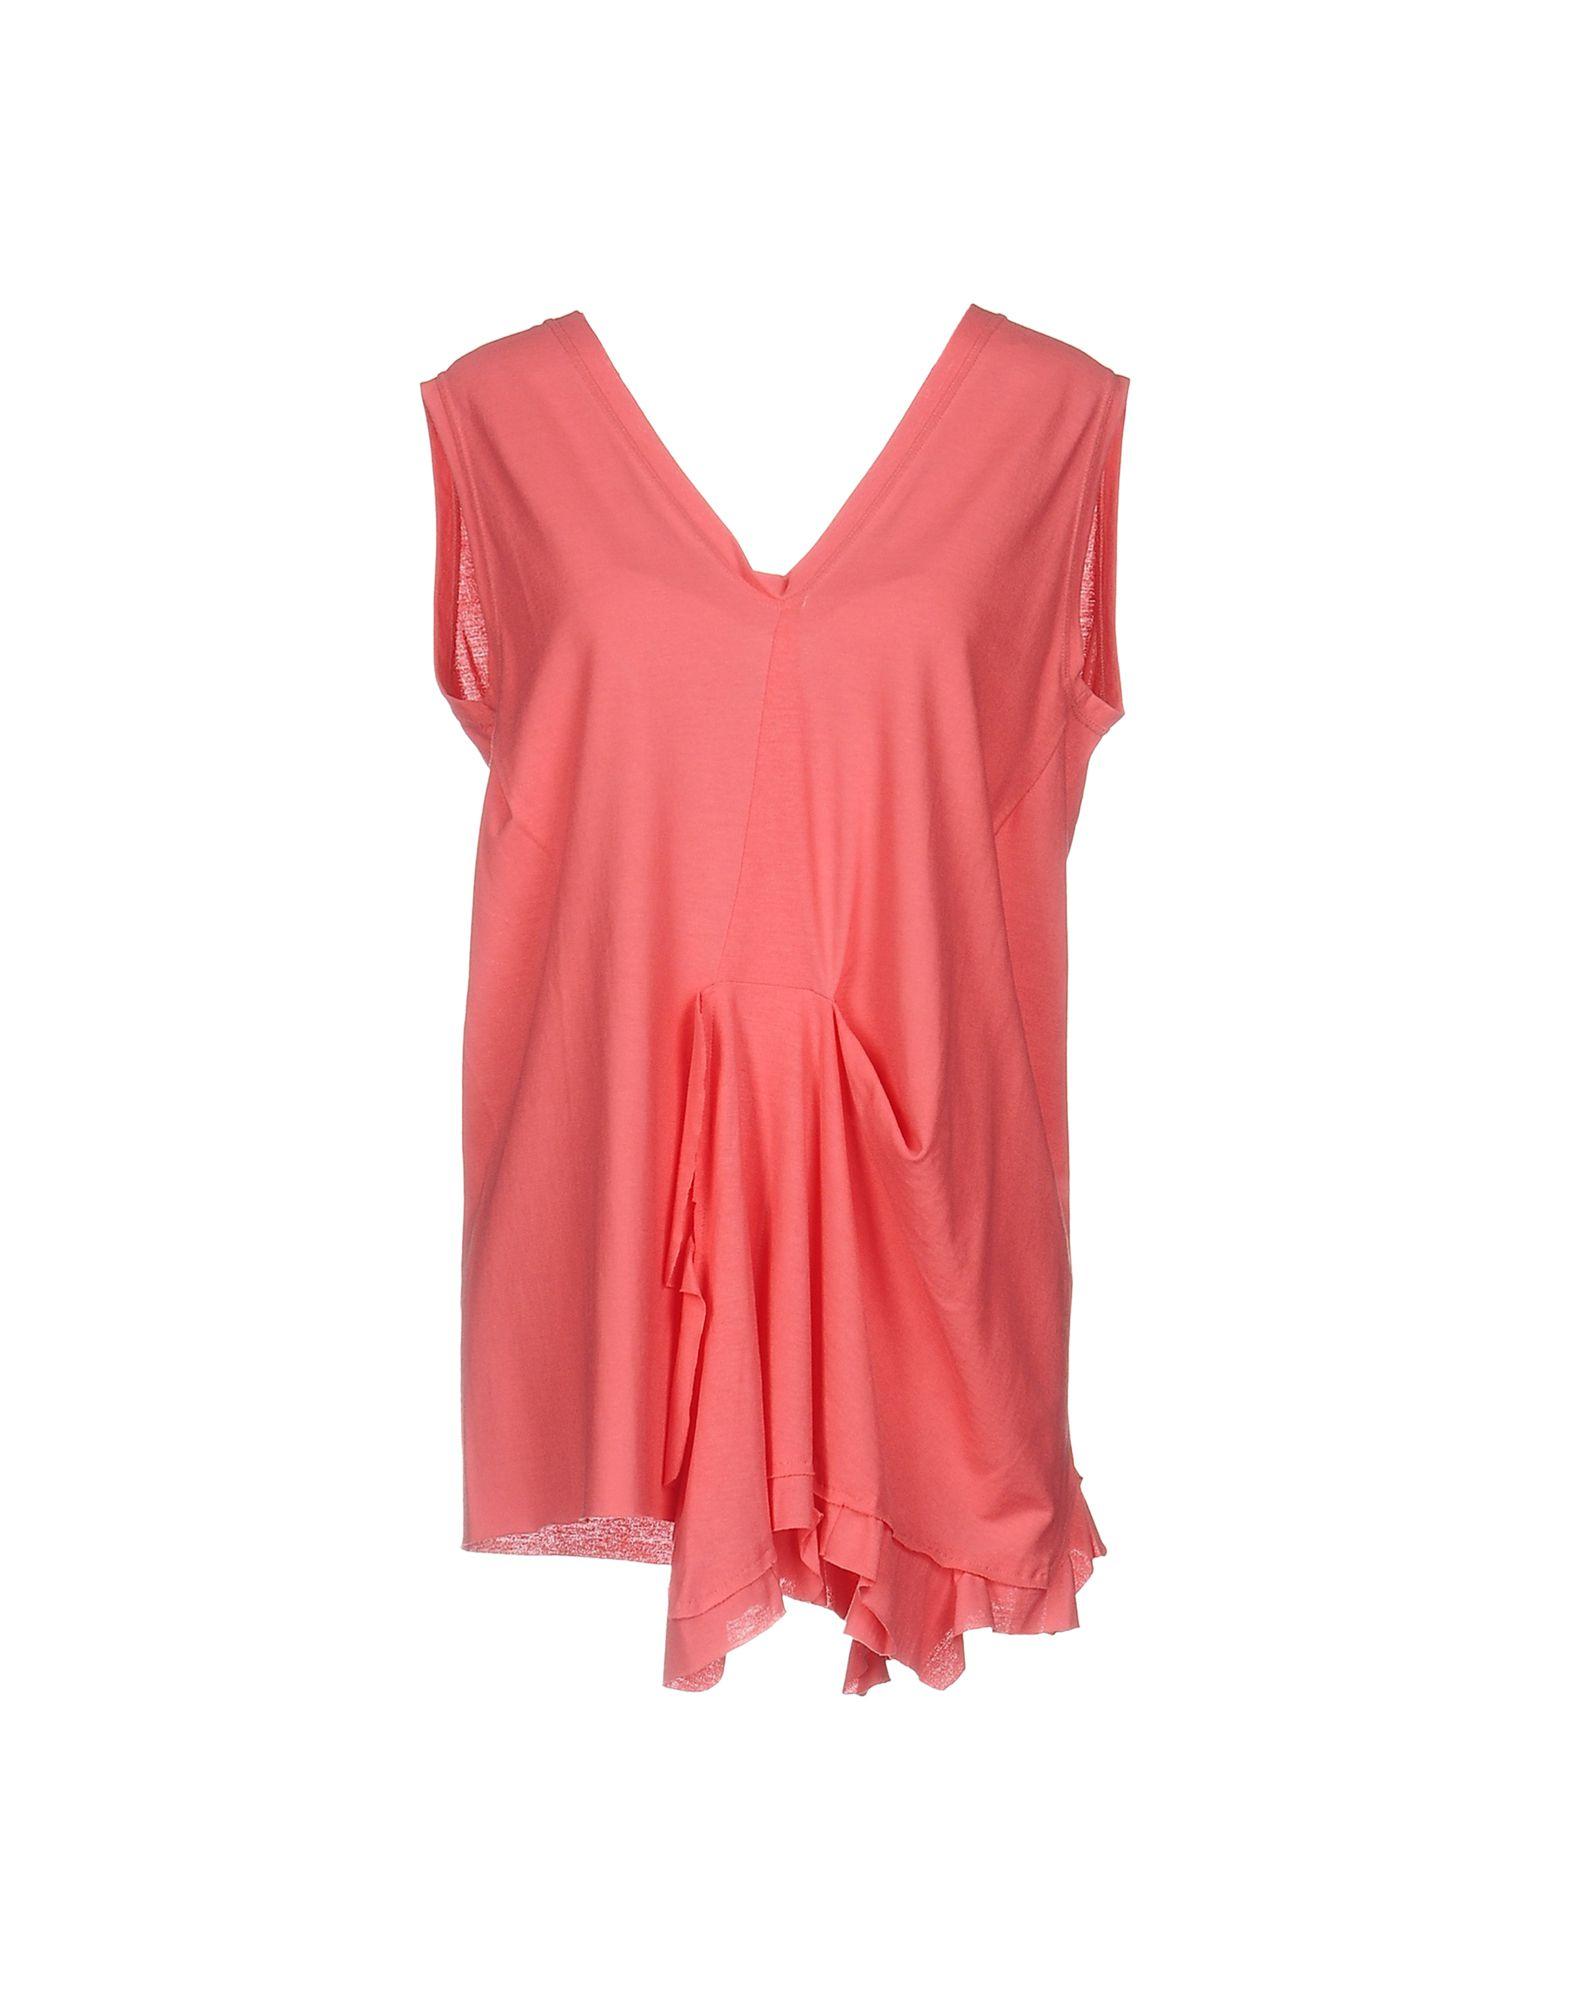 Femme En MarniSur Ligne T Les Achats shirt T1lFKc3J